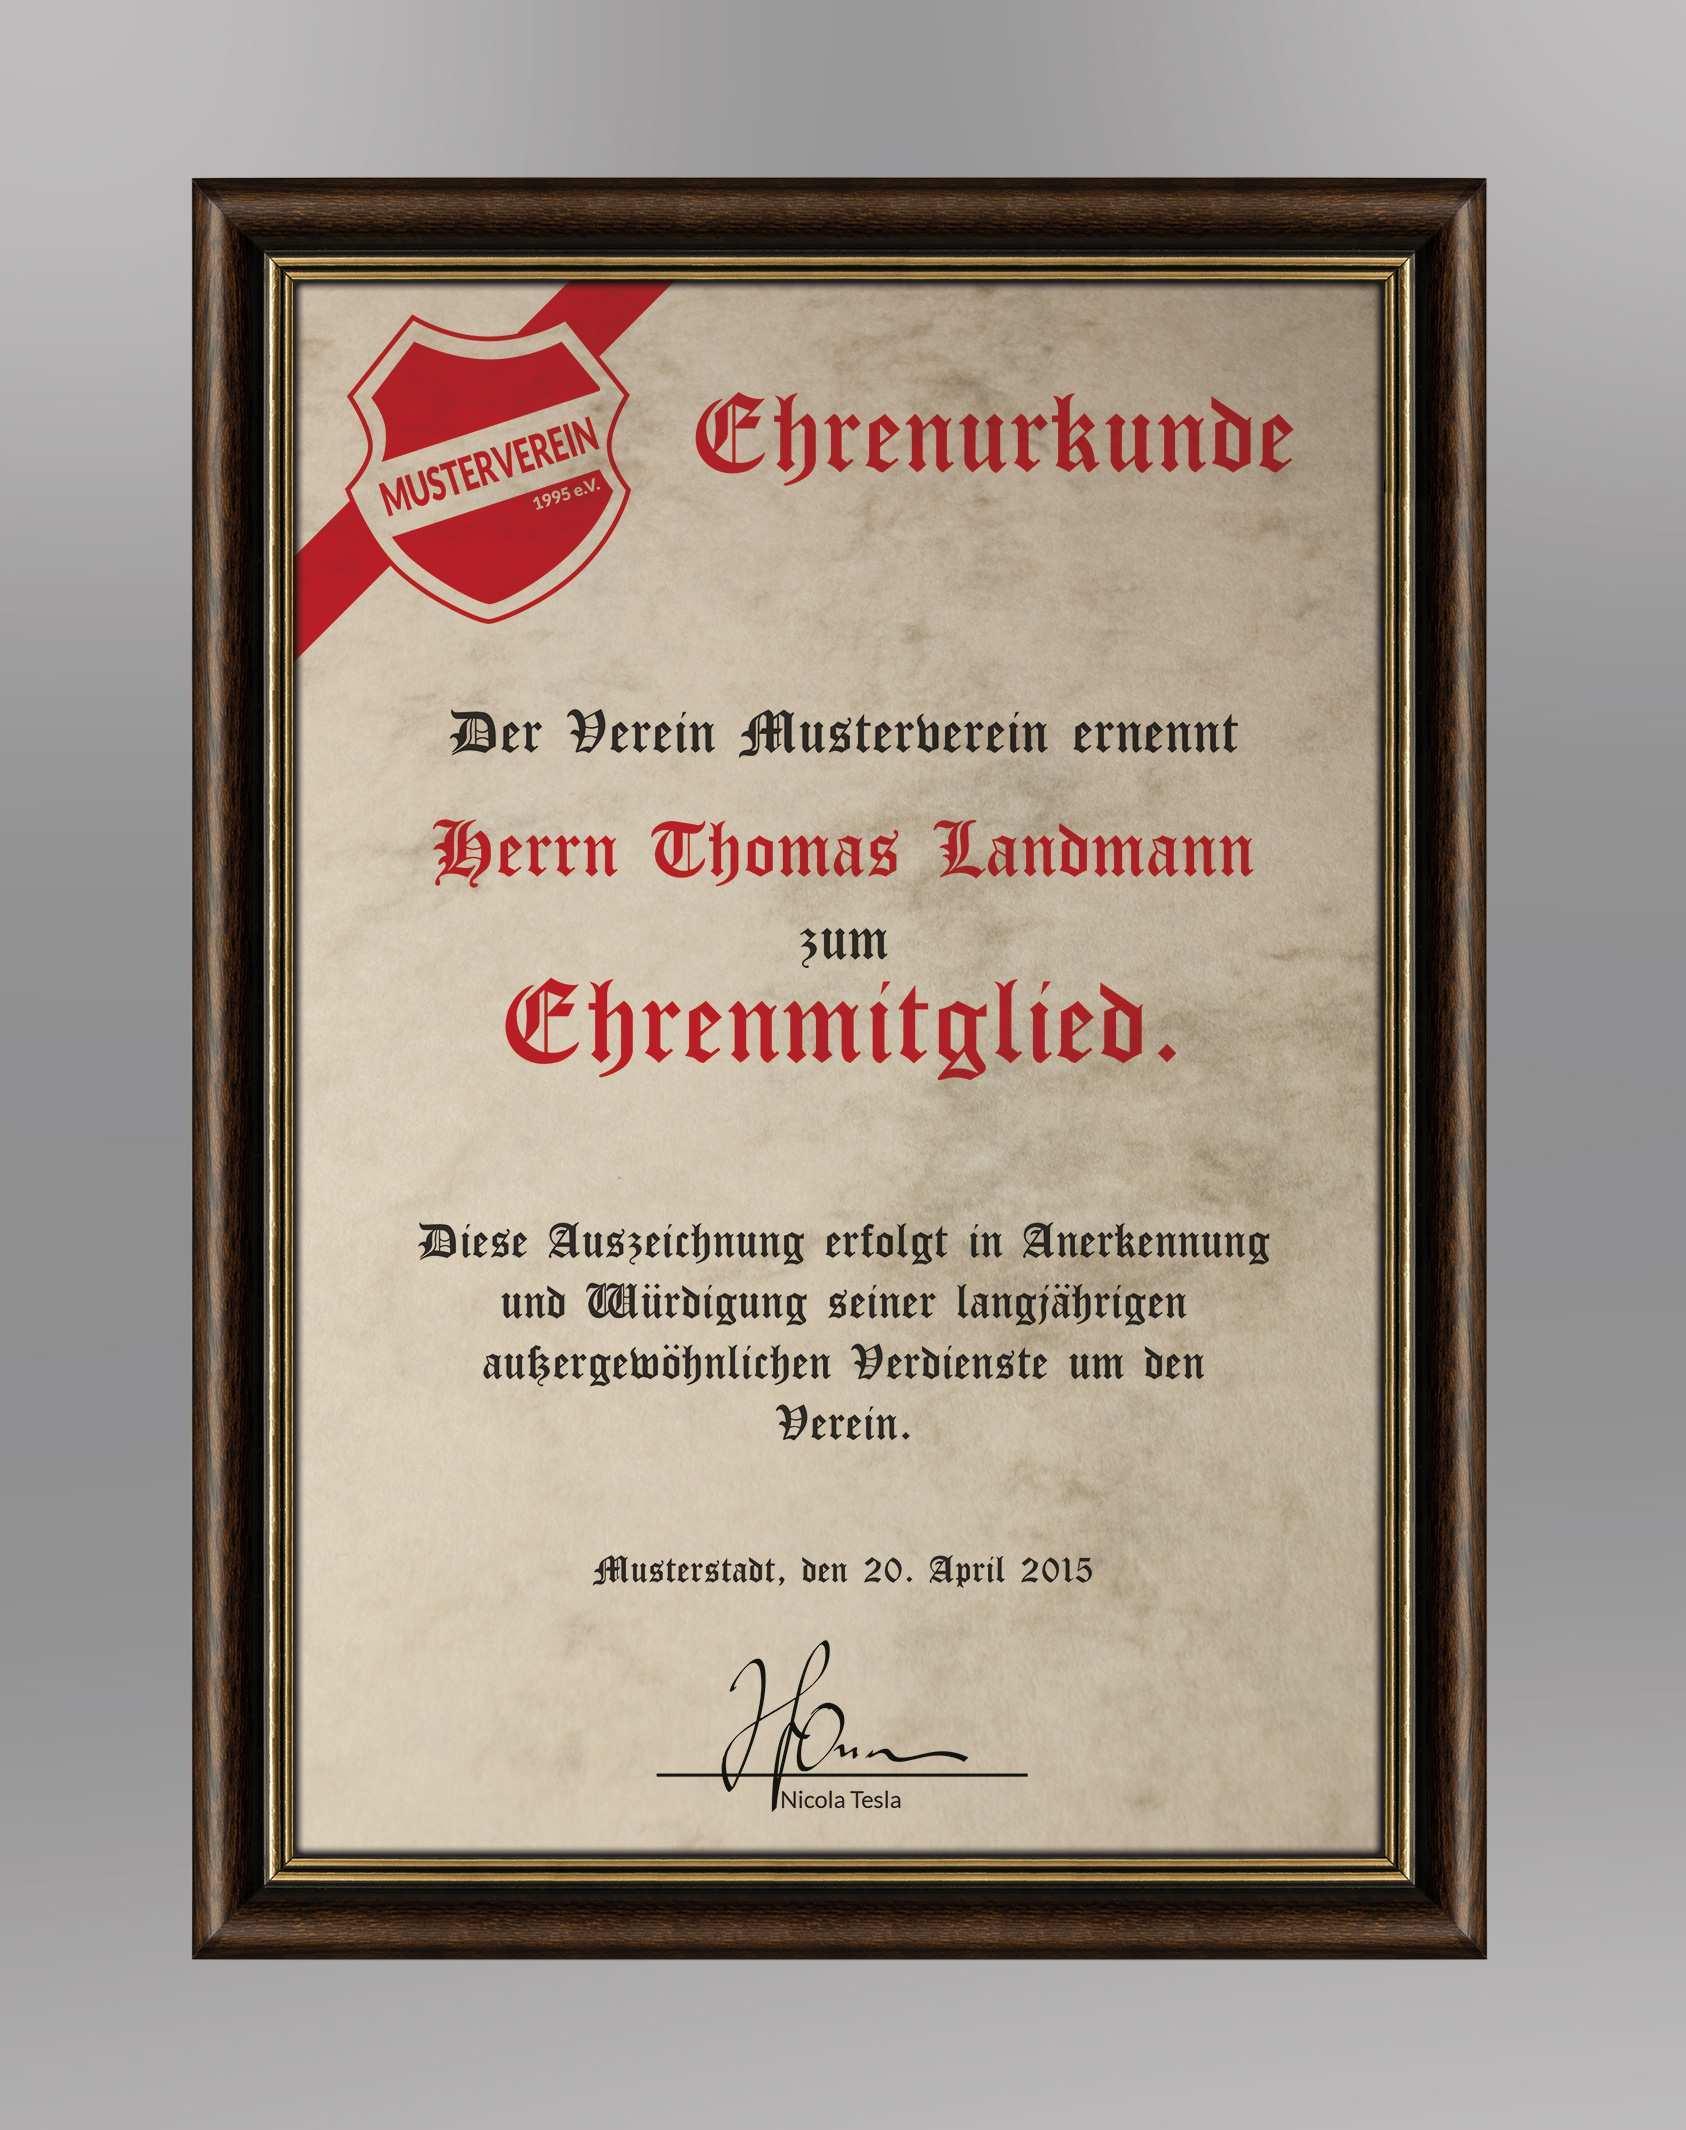 Urkundevorlage Klassische Ehrenurkunde Auf Papier